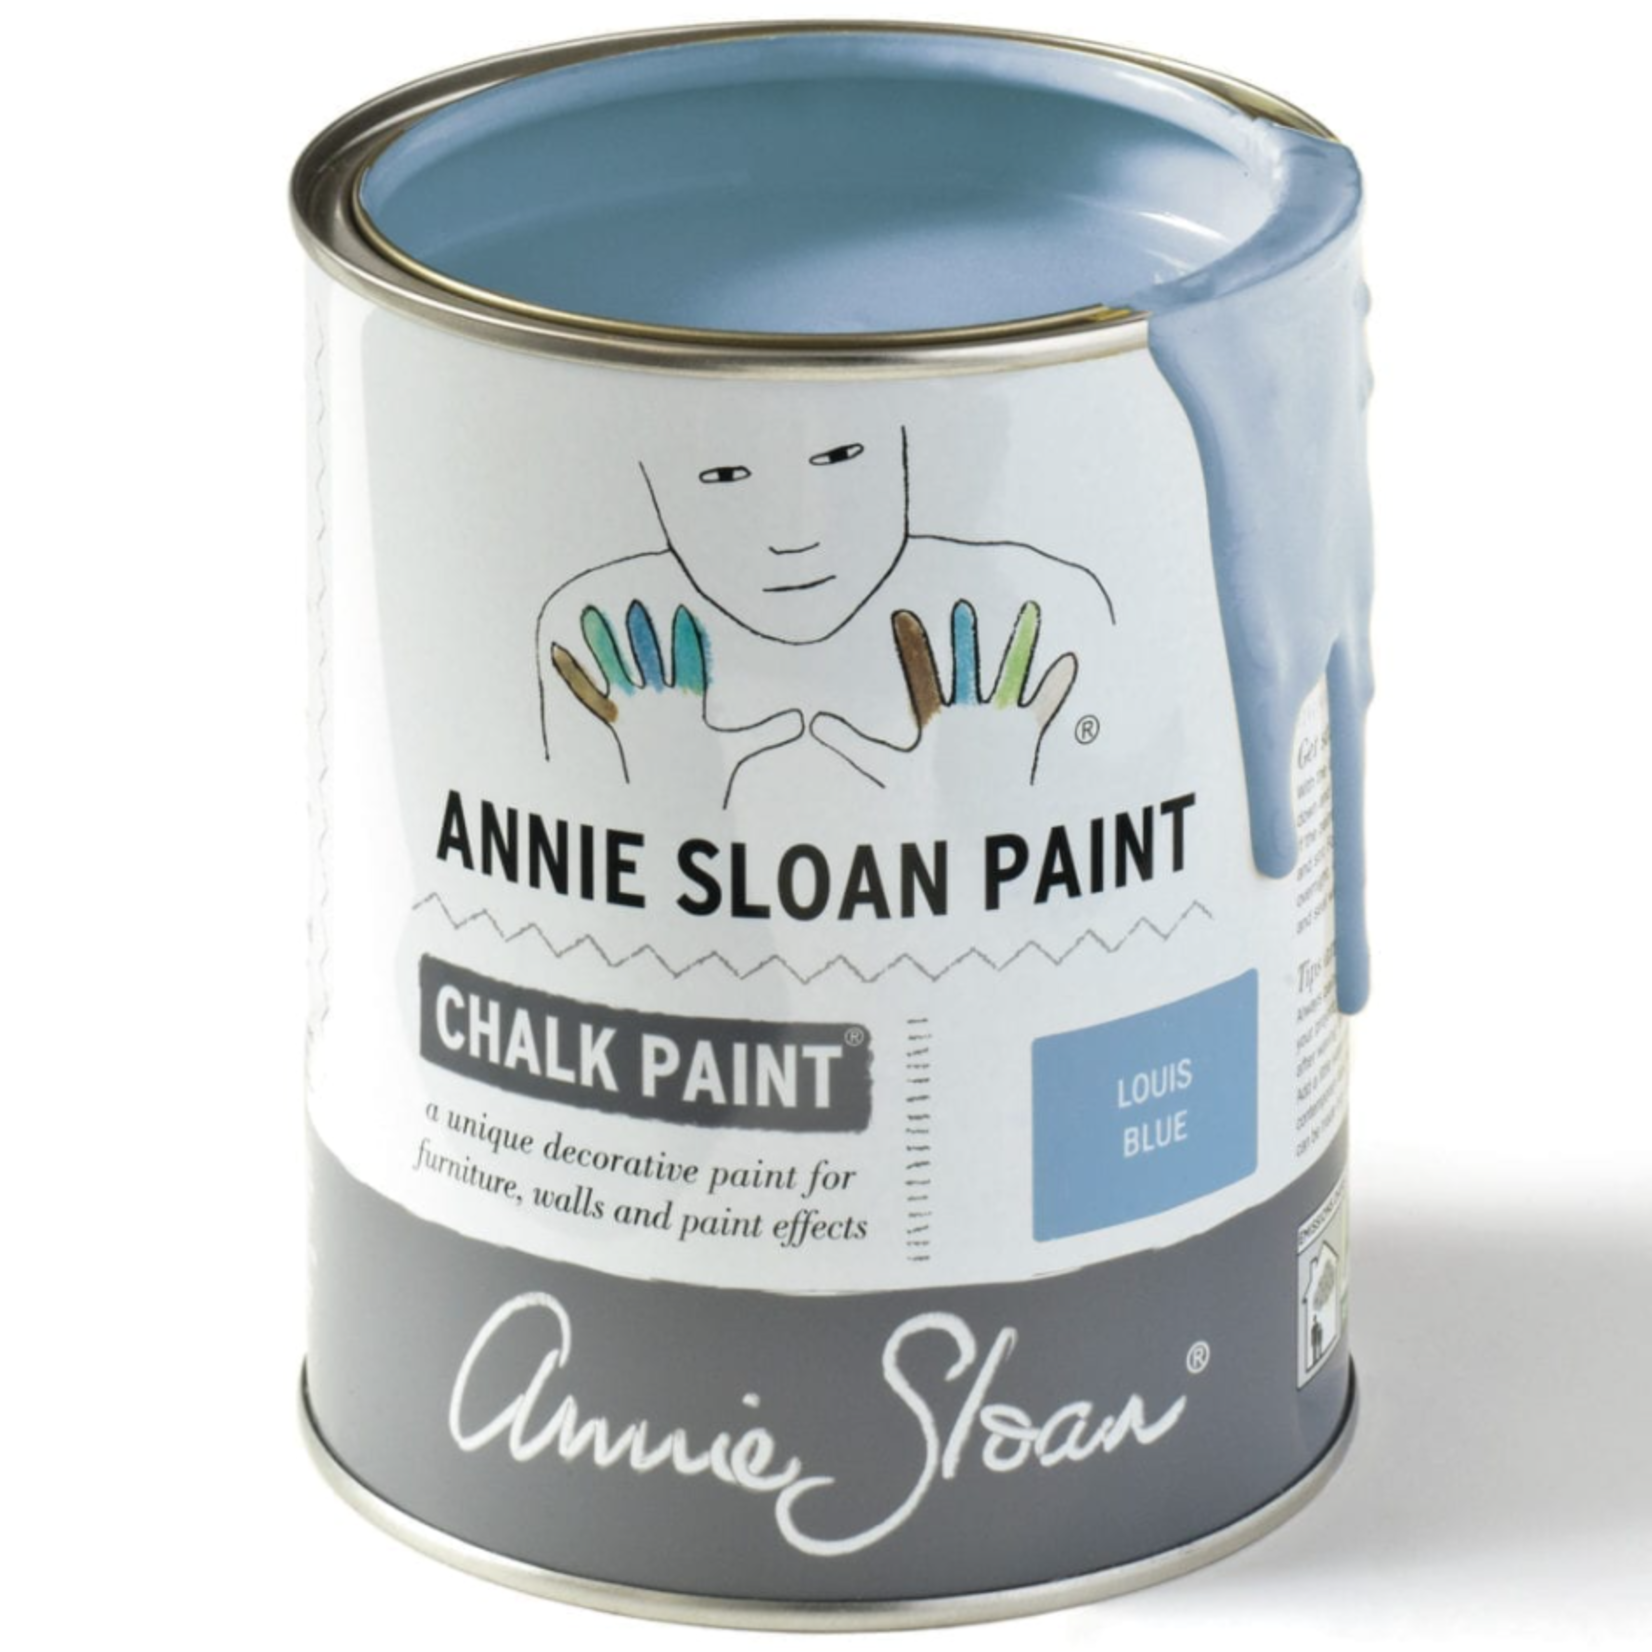 Annie Sloan Annie Sloan Louis Blue Chalk Paint